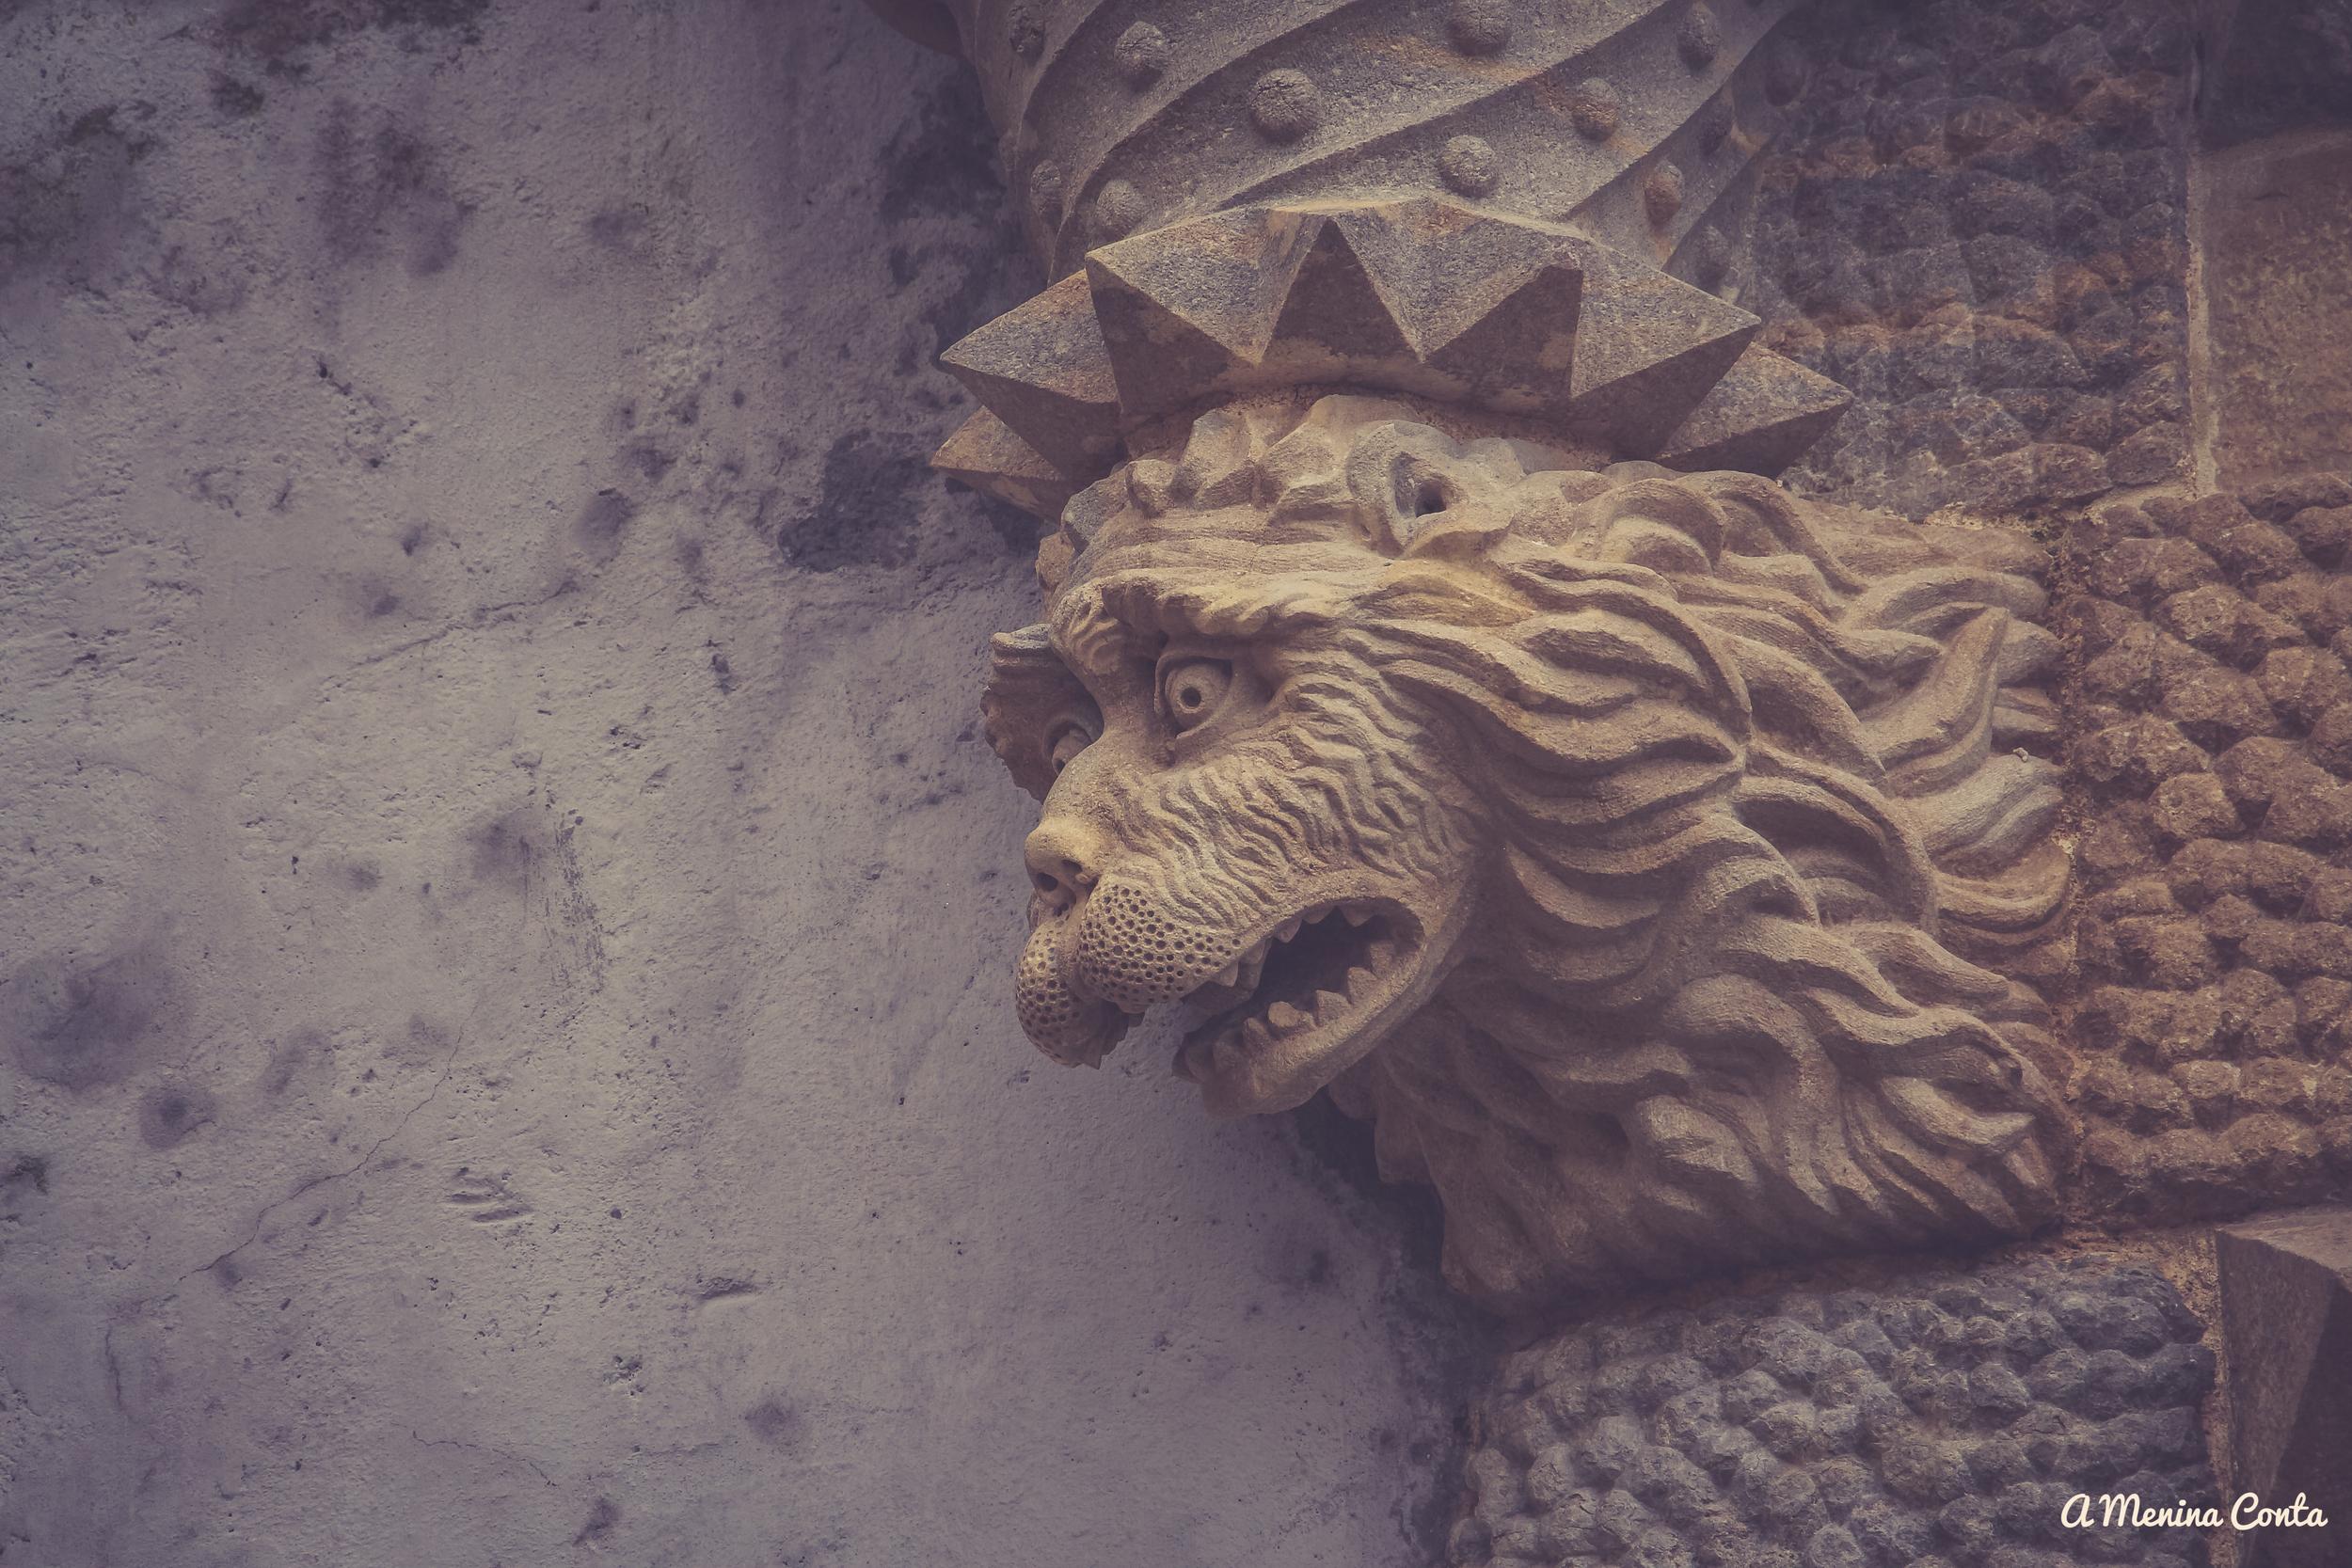 Segundo a Menina, Cédric, o Feiticeiro dos desenhos animados Princesa Sofia (Disney)transformou os dragões em pedra...